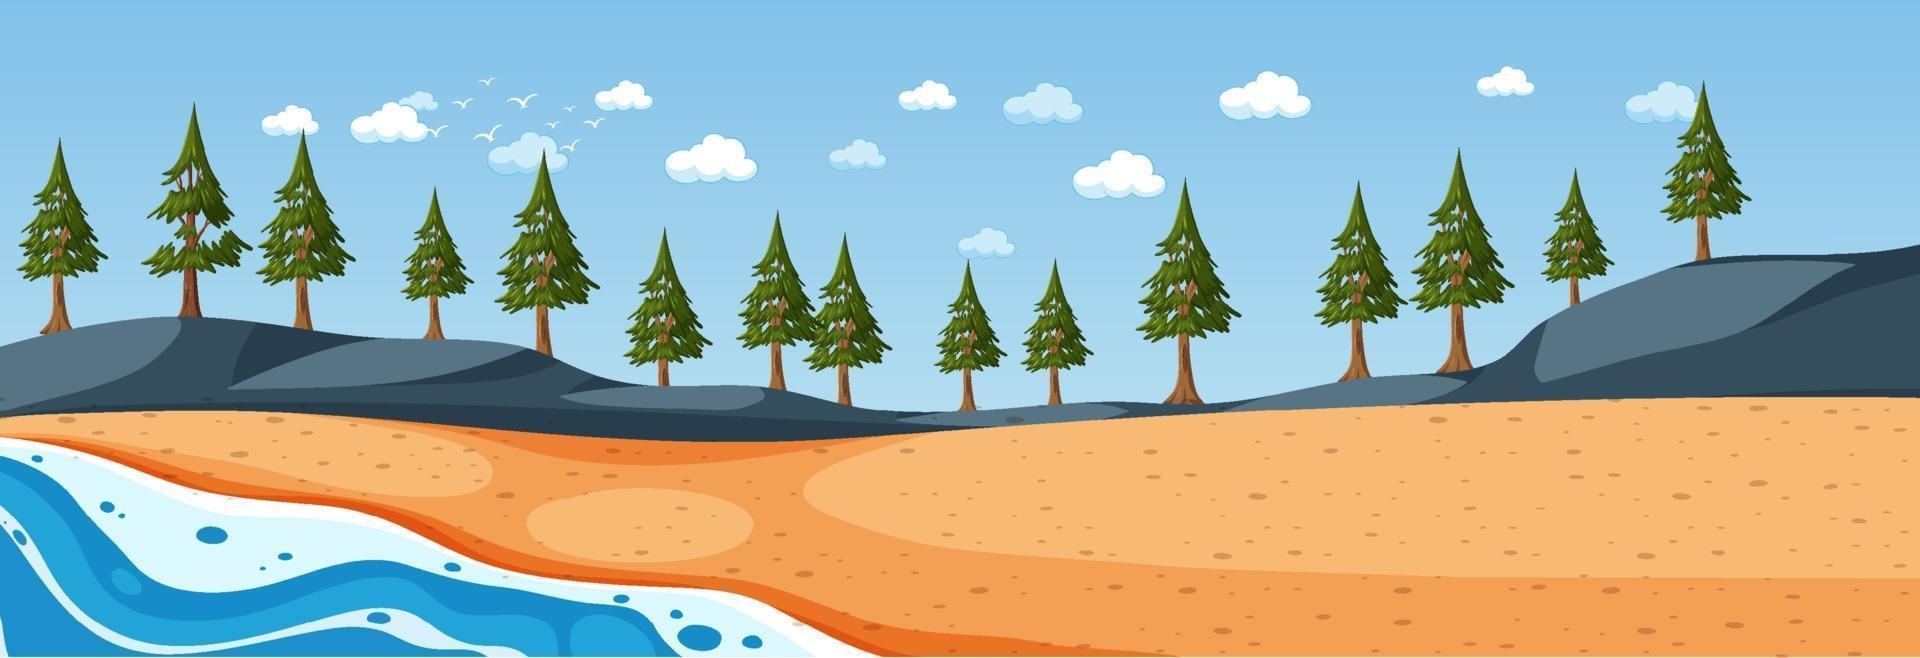 strand horizontale scène overdag met veel pijnbomen vector